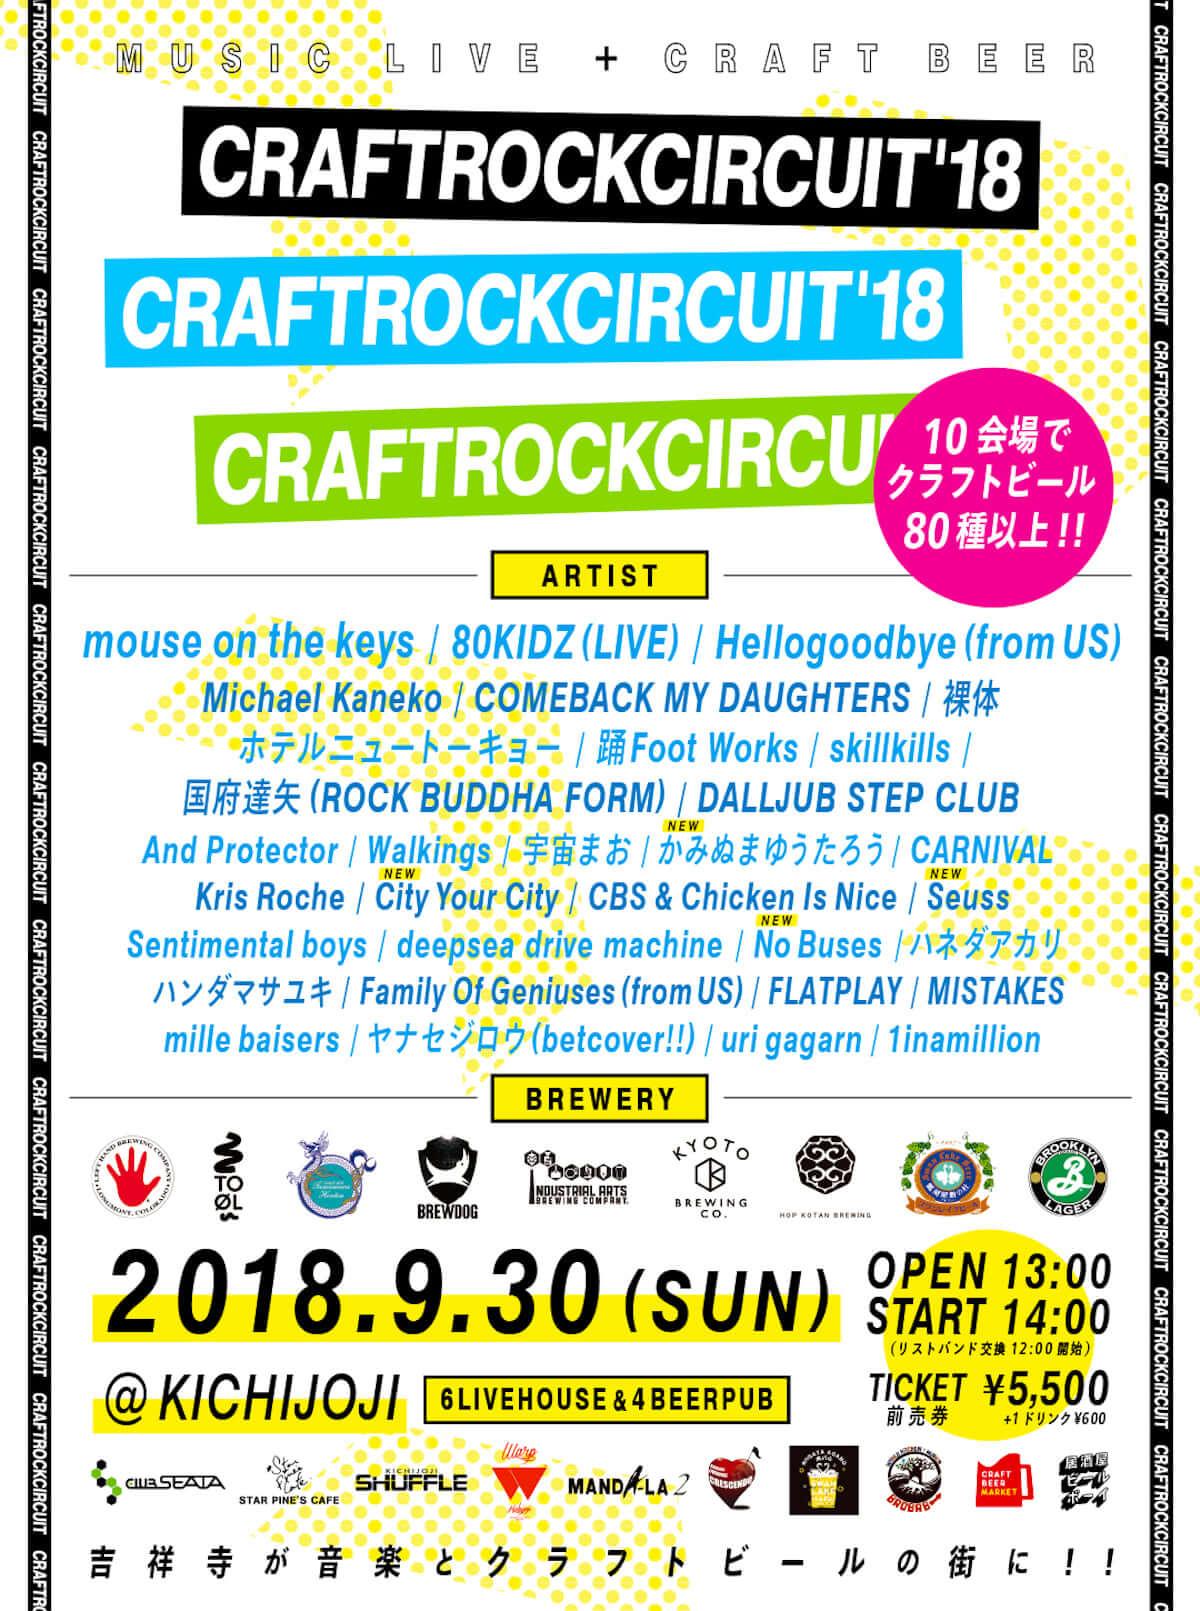 音楽×クラフトビール!<CRAFTROCK CIRCUIT'18>が吉祥寺で開催!80KIDZ、踊Foot Worksら出演 music180927_craftrock_01-1200x1611